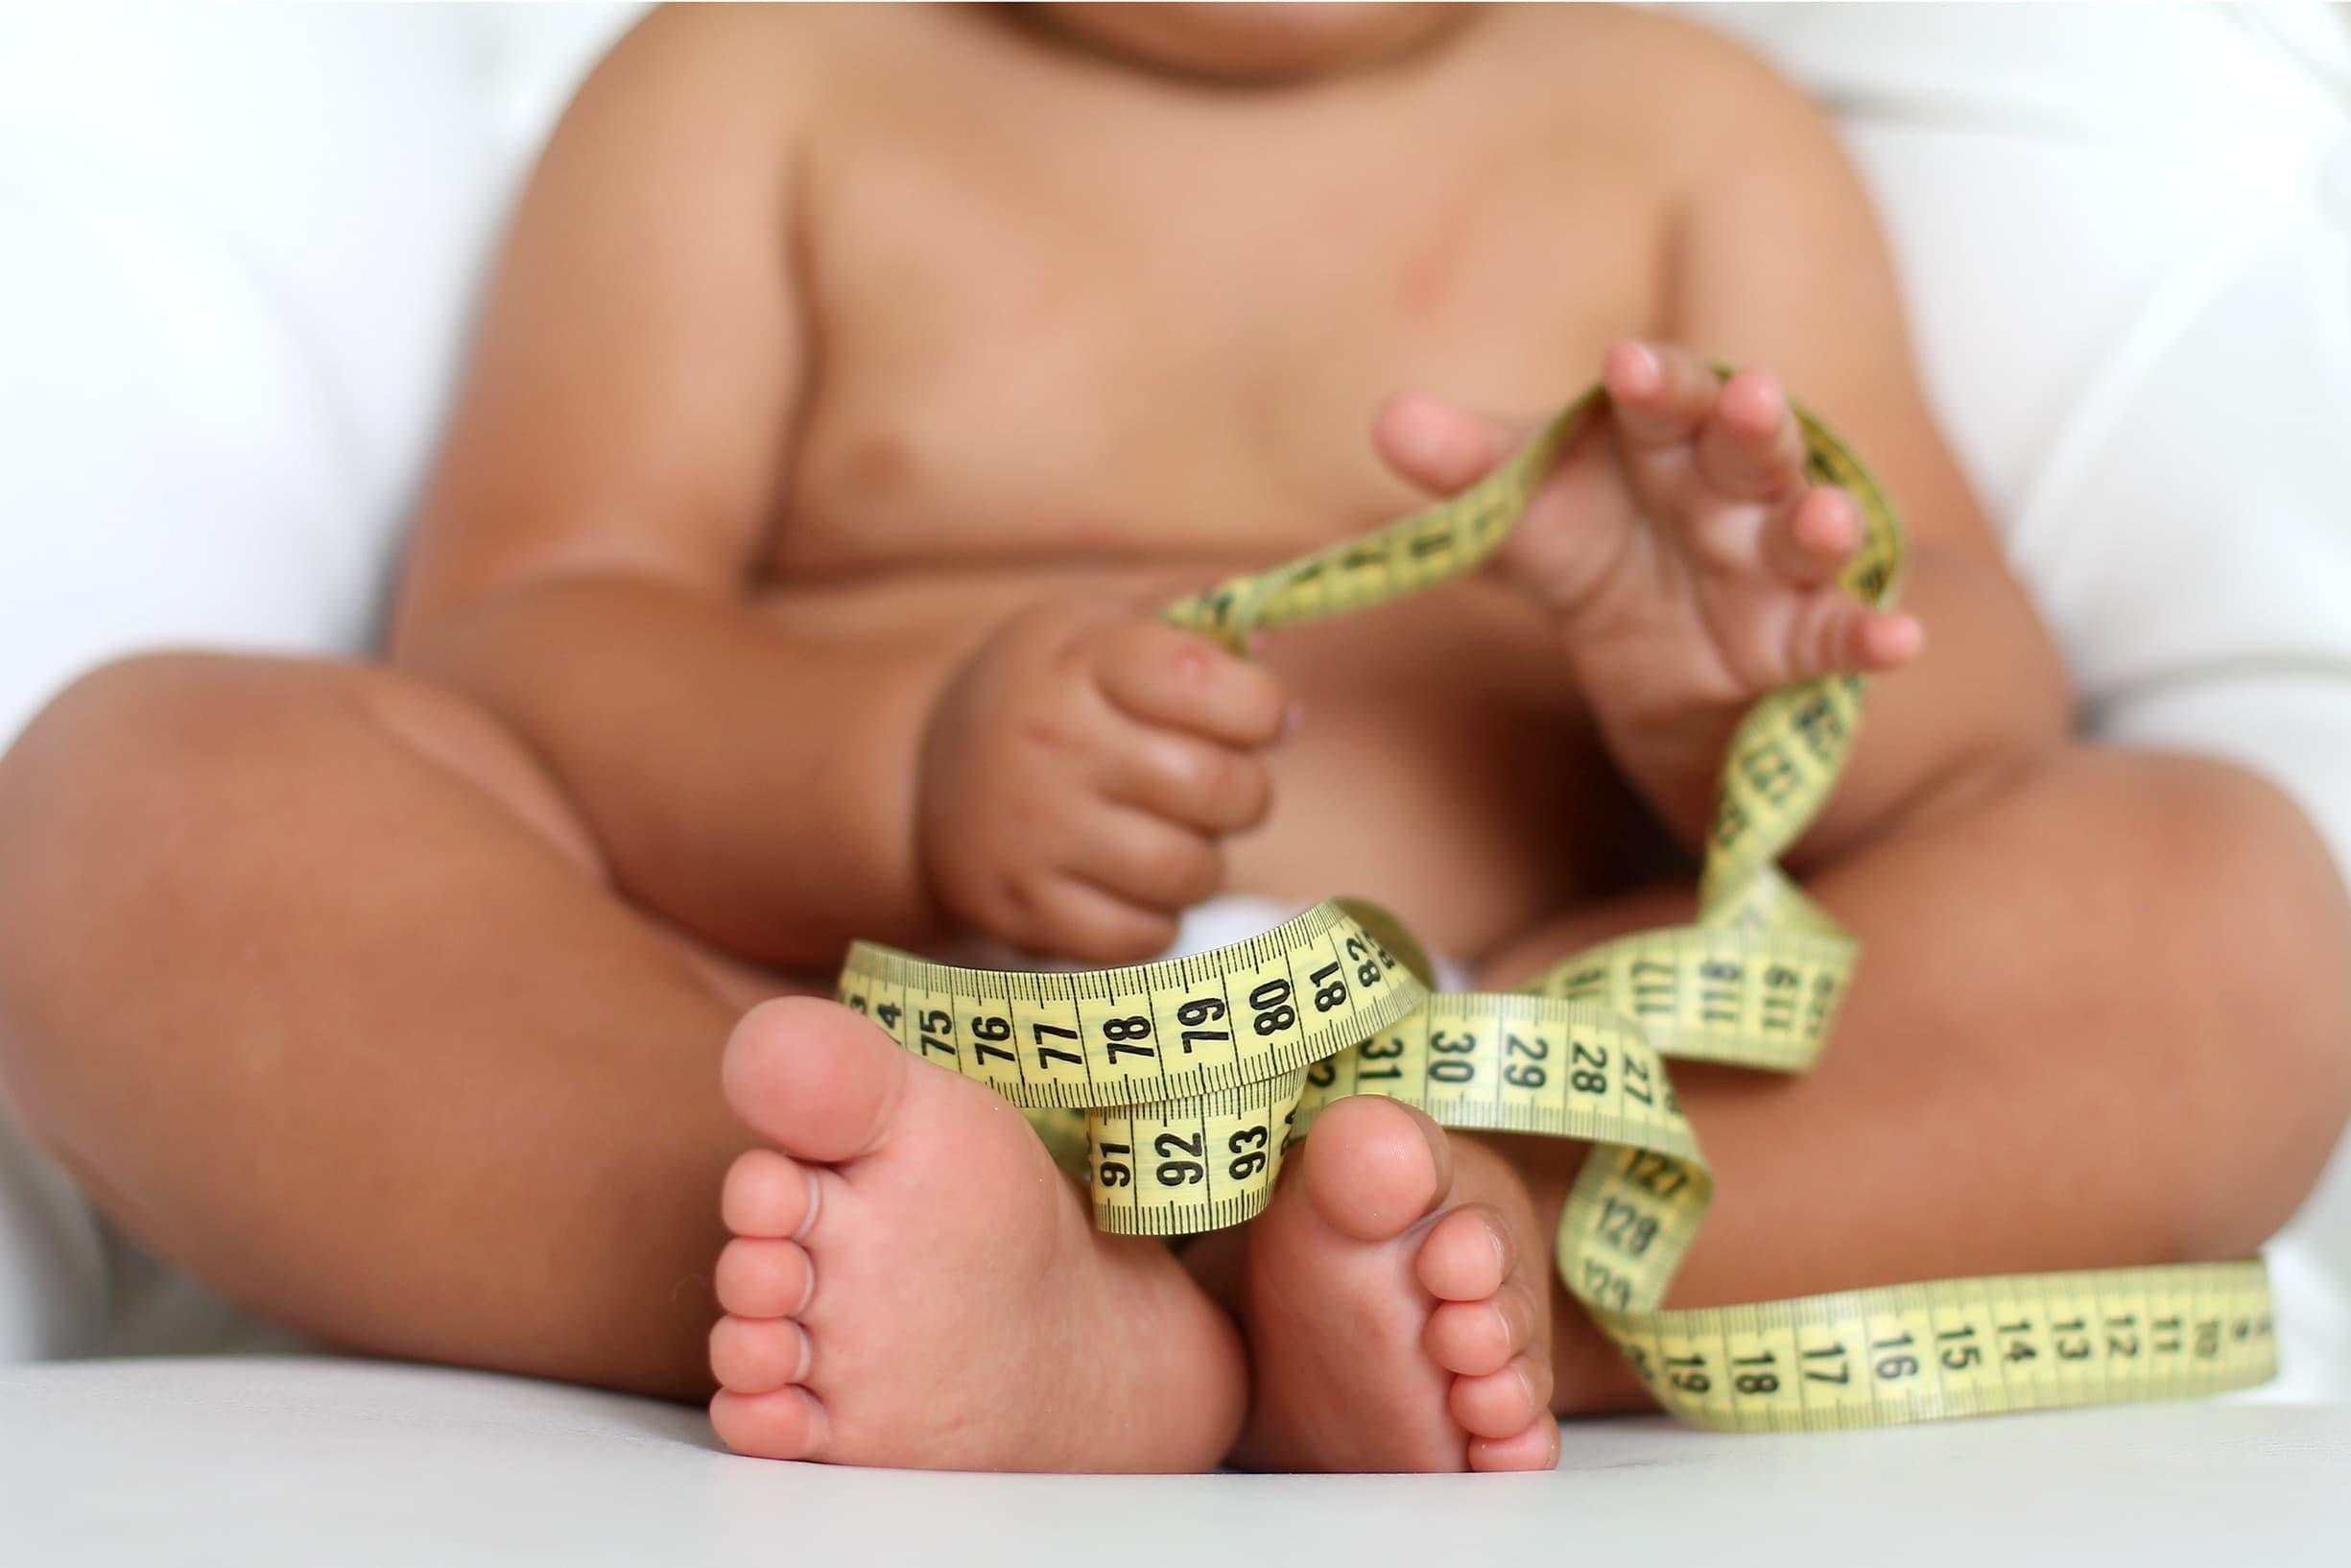 Учёные выявили факторы, помогающие снизить риск развития ожирения у ребёнка